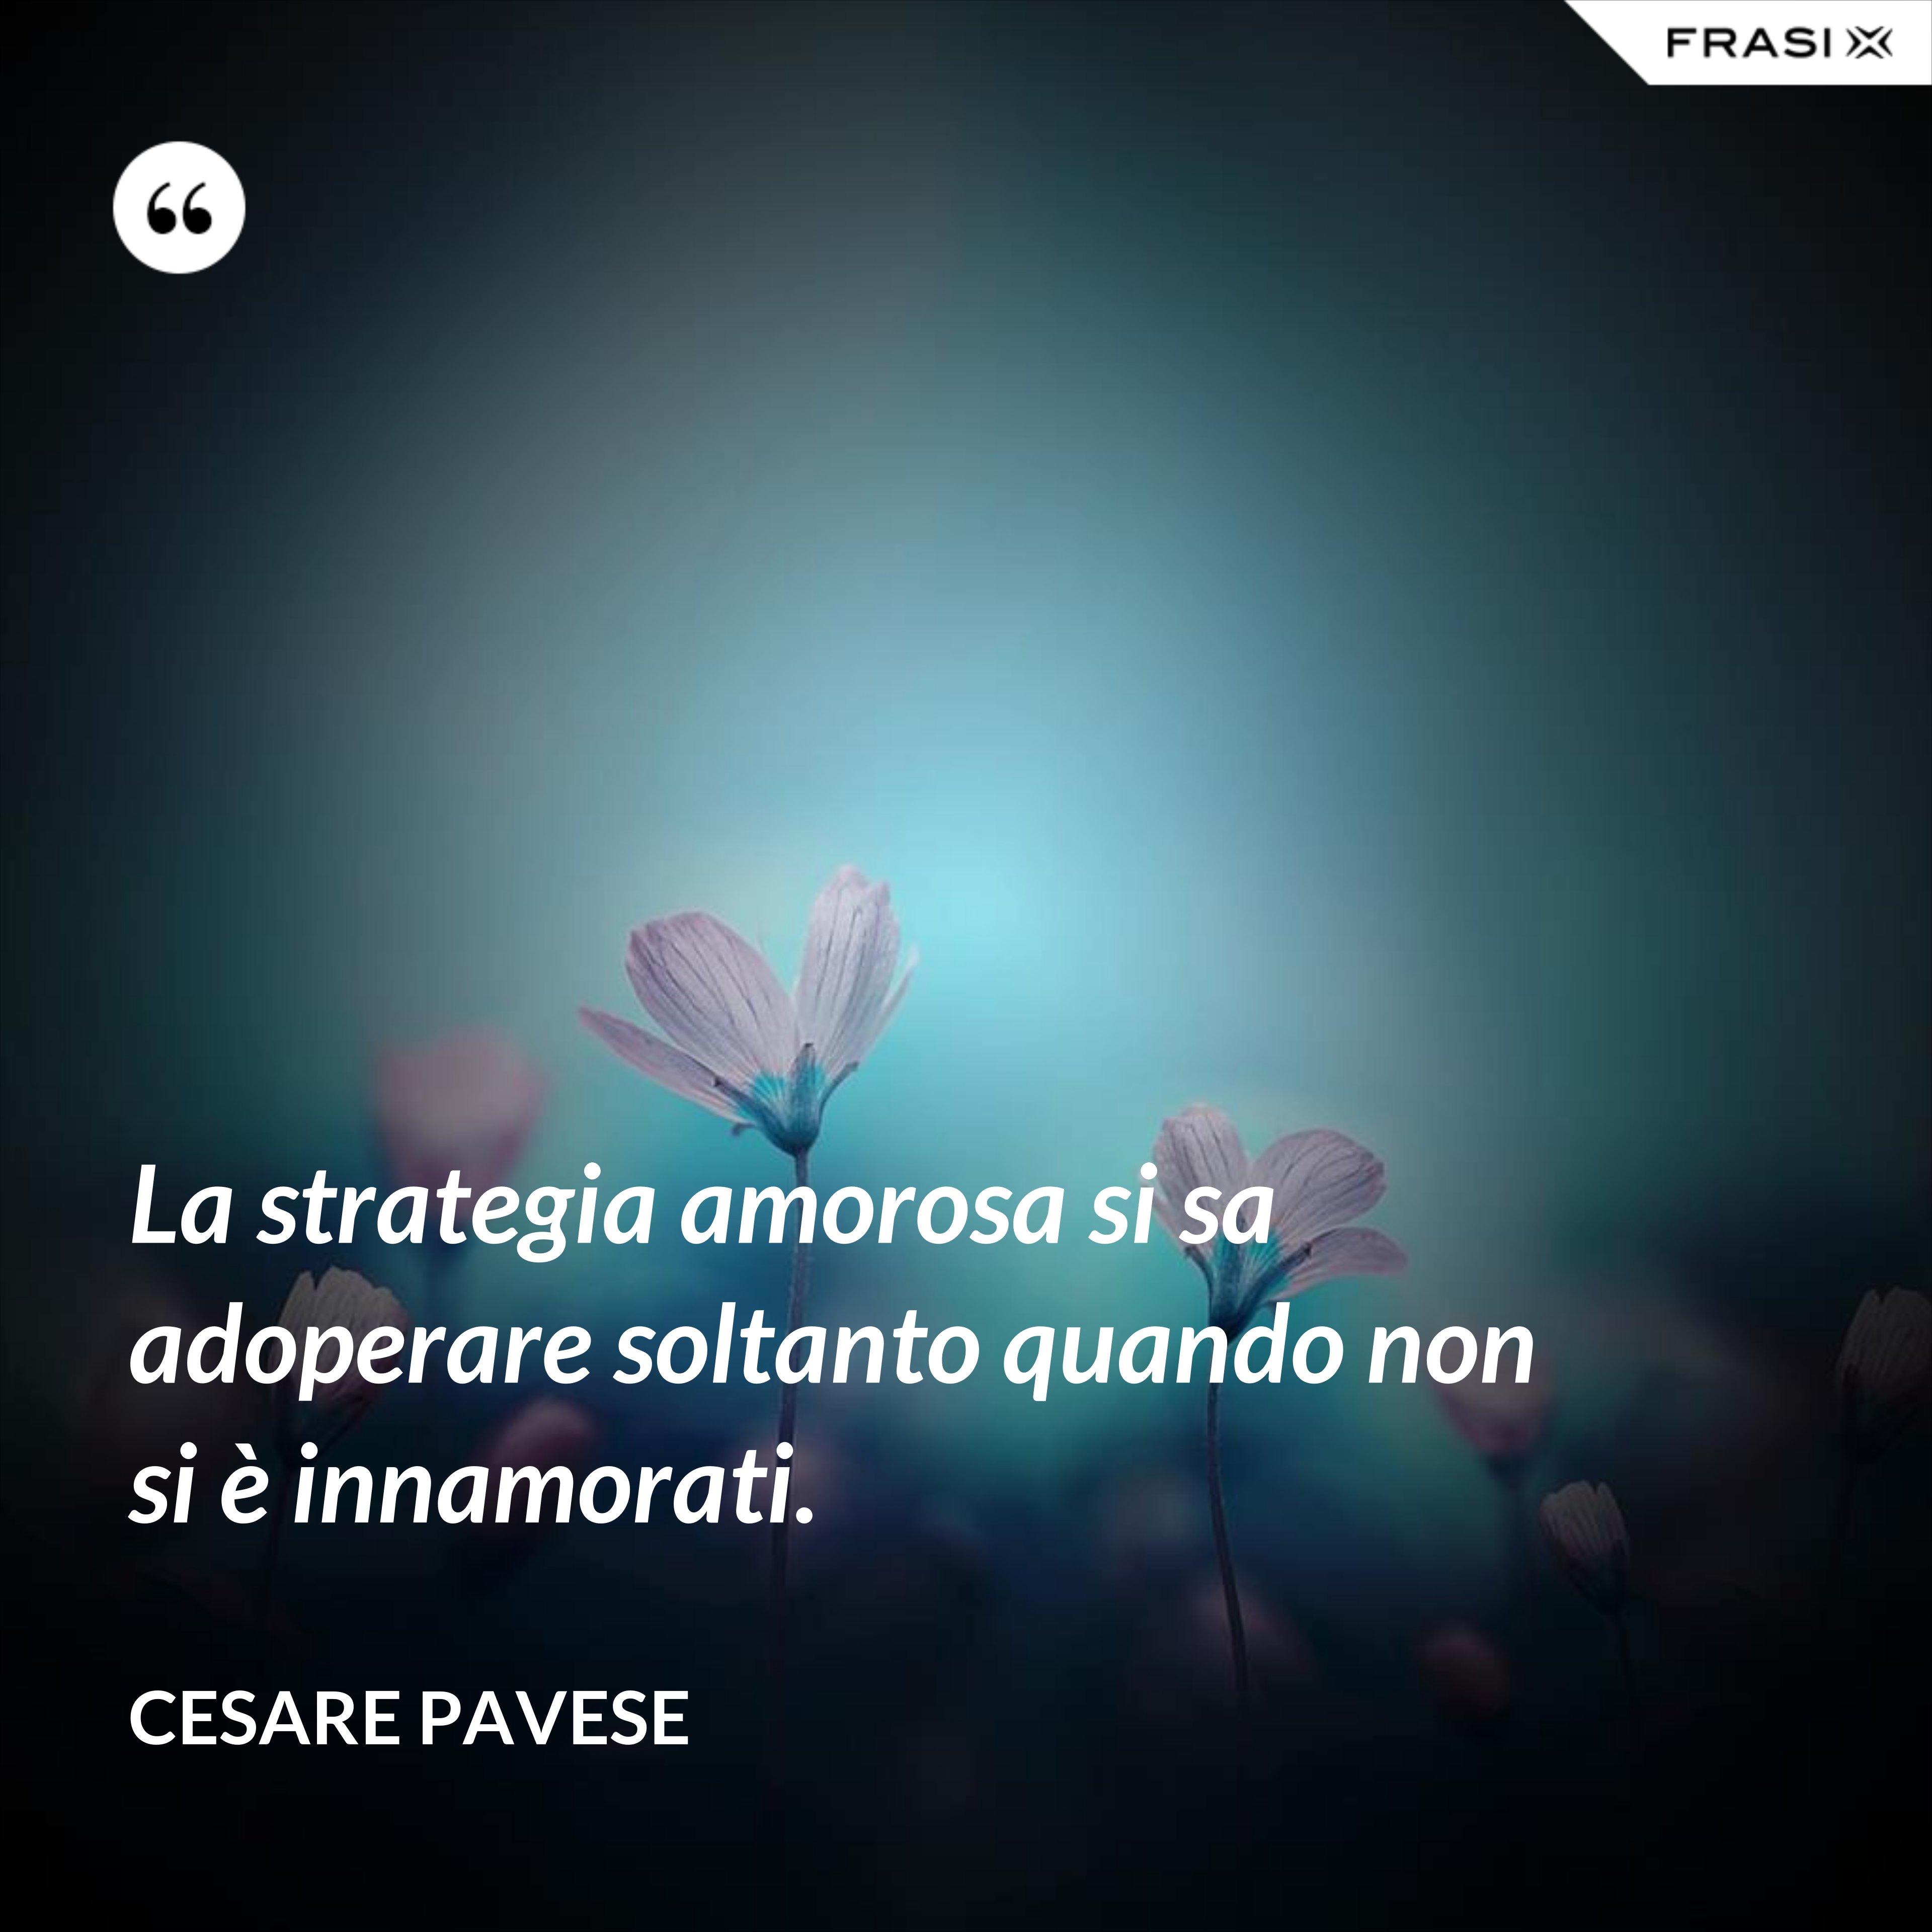 La strategia amorosa si sa adoperare soltanto quando non si è innamorati. - Cesare Pavese